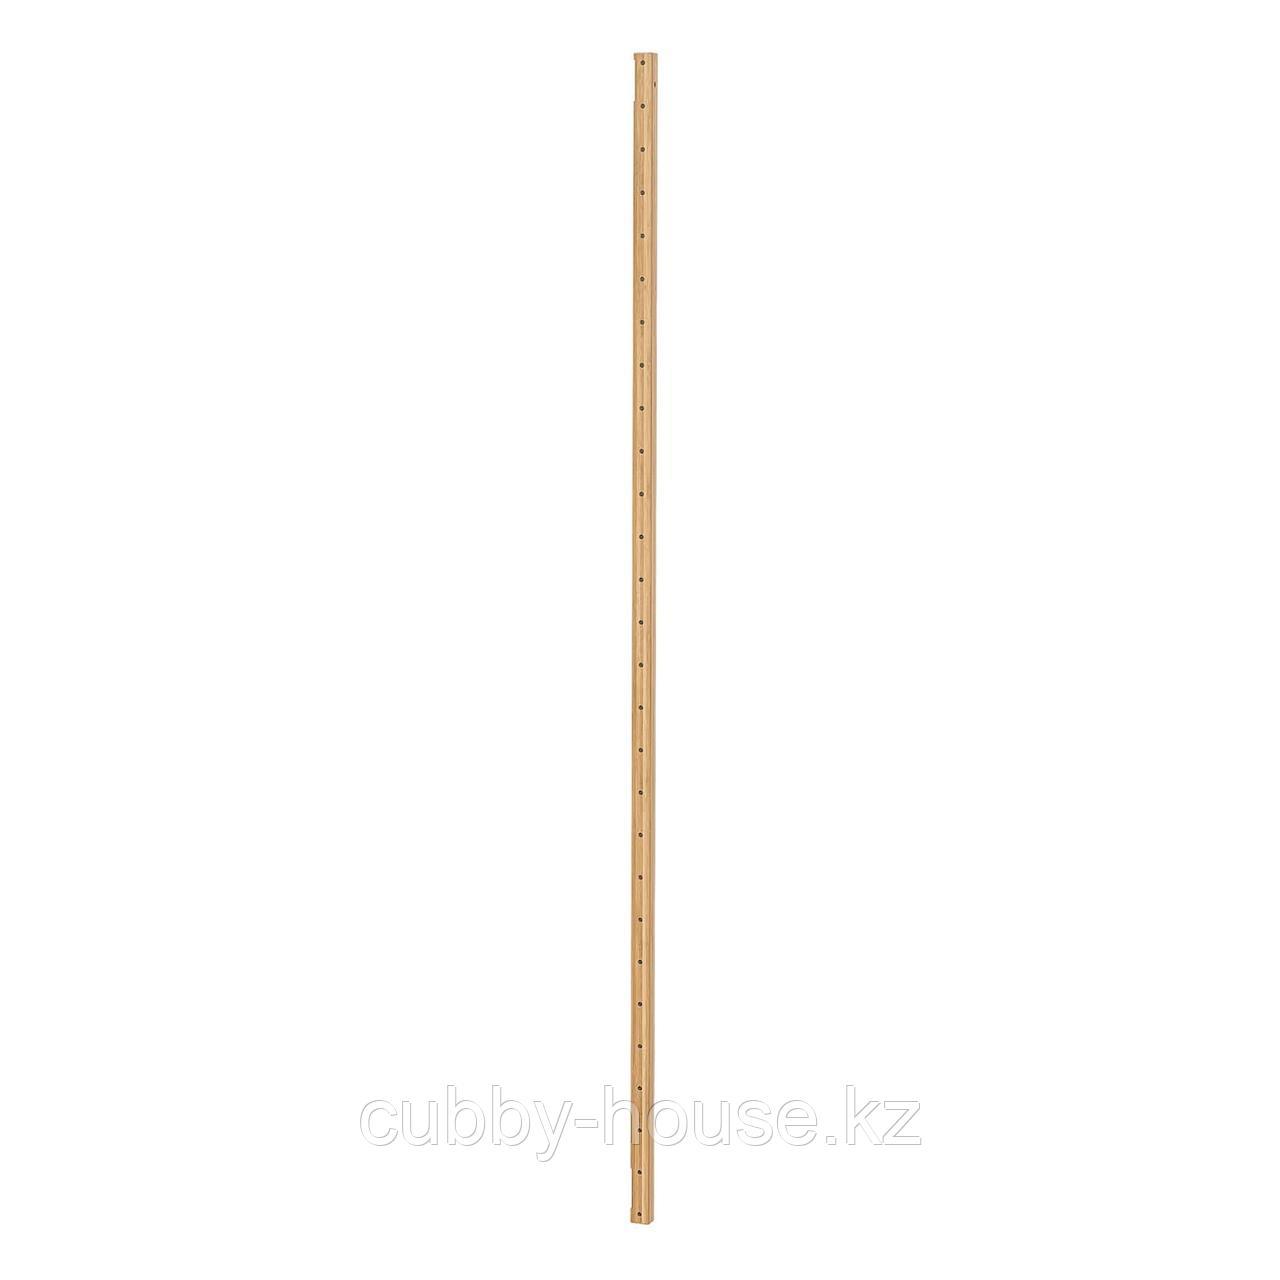 СВАЛЬНЭС Настенная шина, бамбук, 176 см